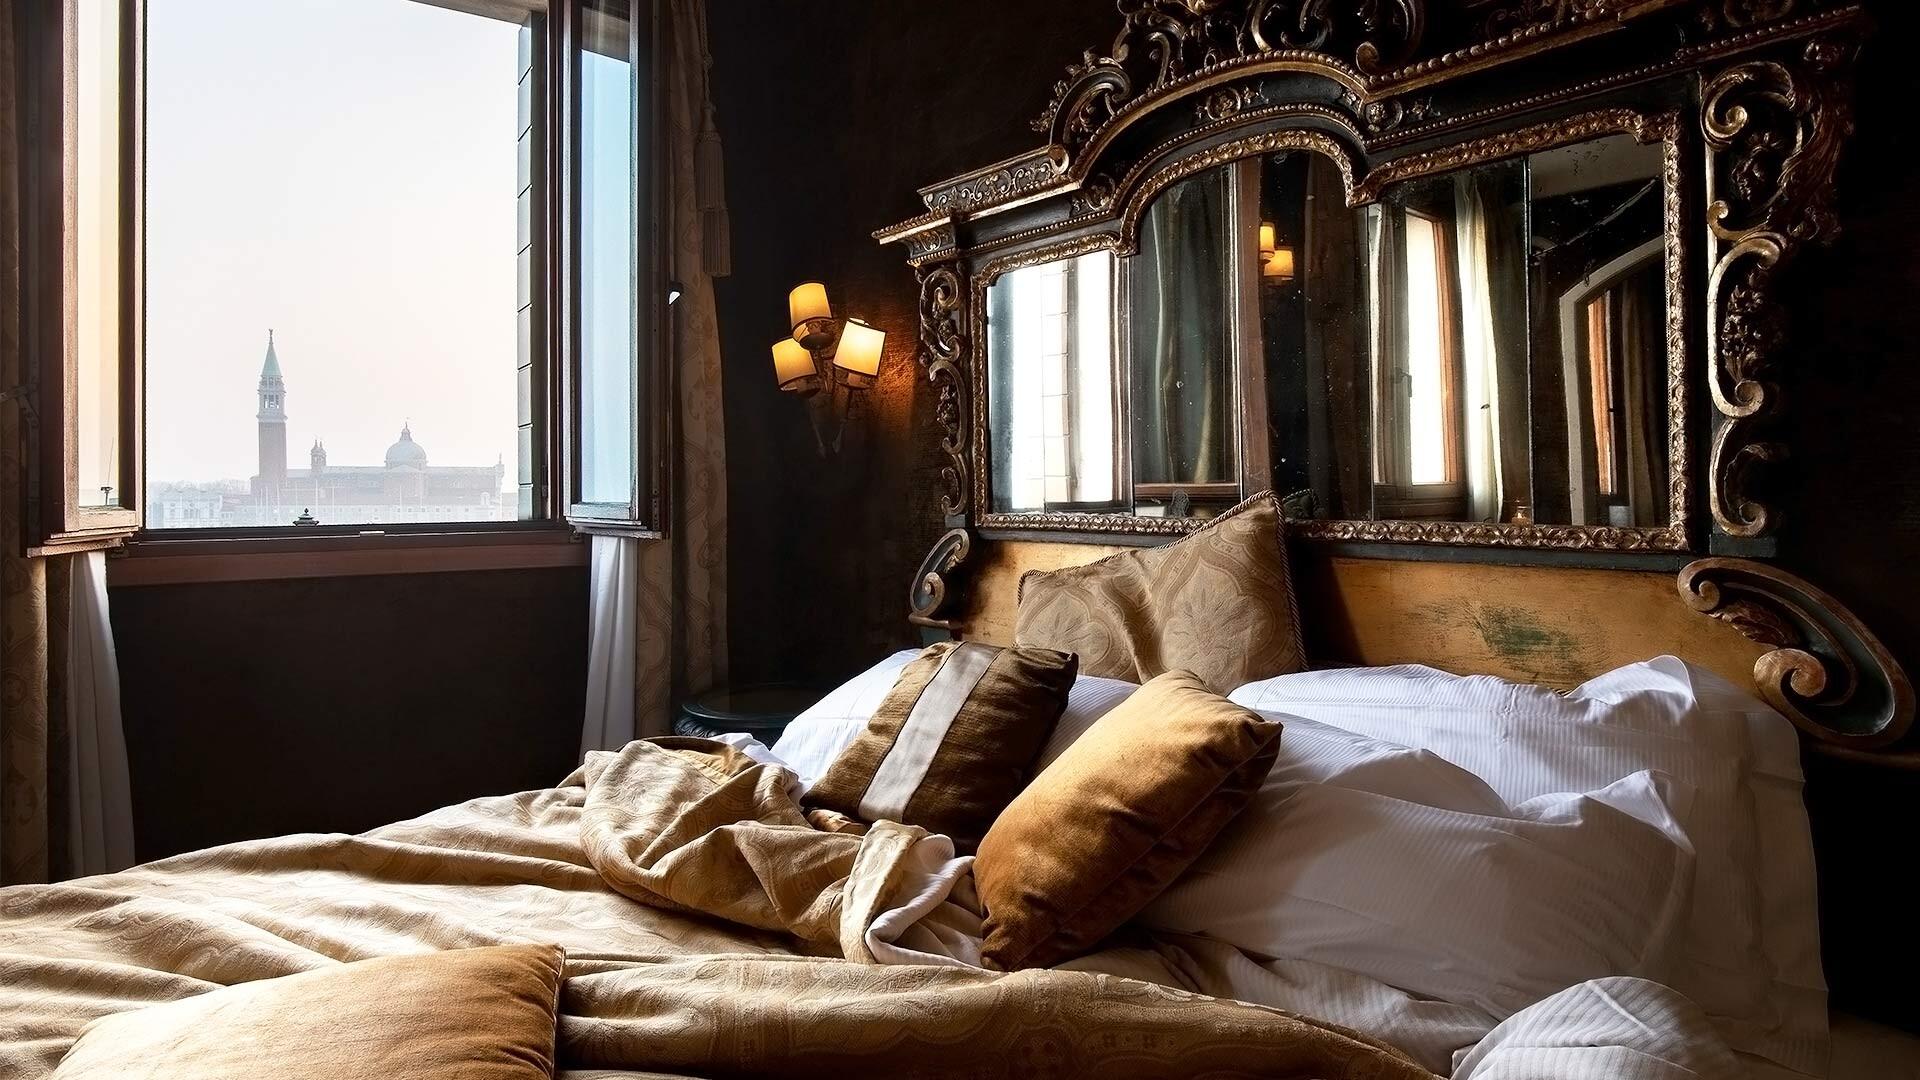 Sito Ufficiale Hotel Metropole a Venezia   Prenota un ...